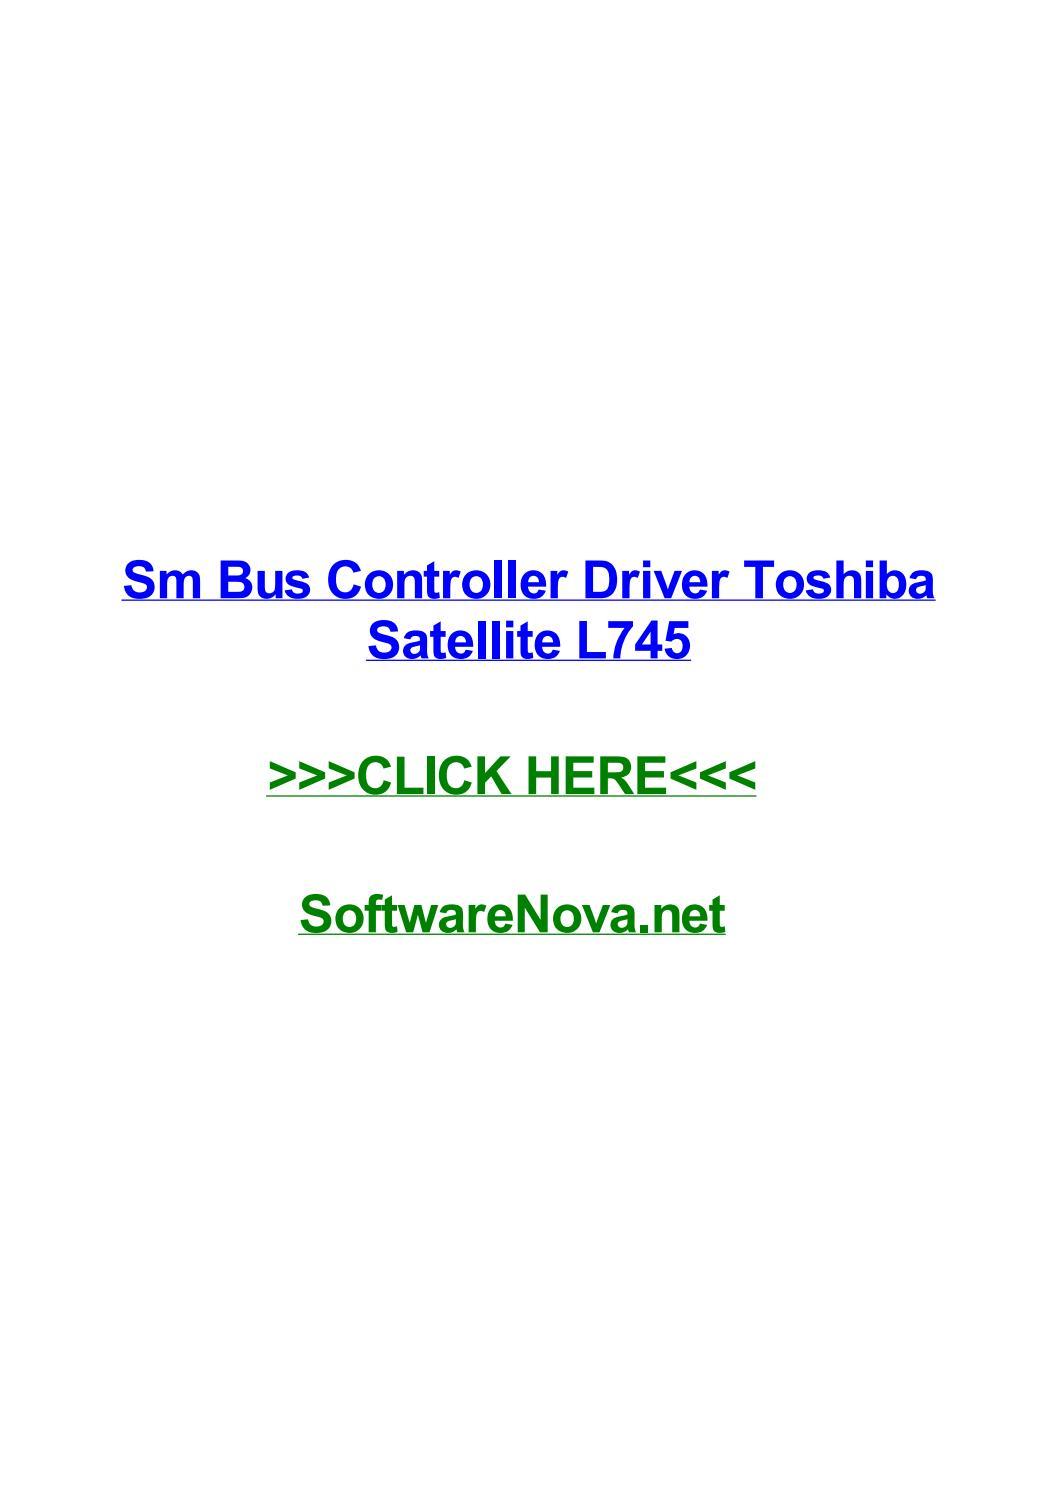 SM POUR TÉLÉCHARGER TOSHIBA DE BUS CONTROLEUR DRIVER